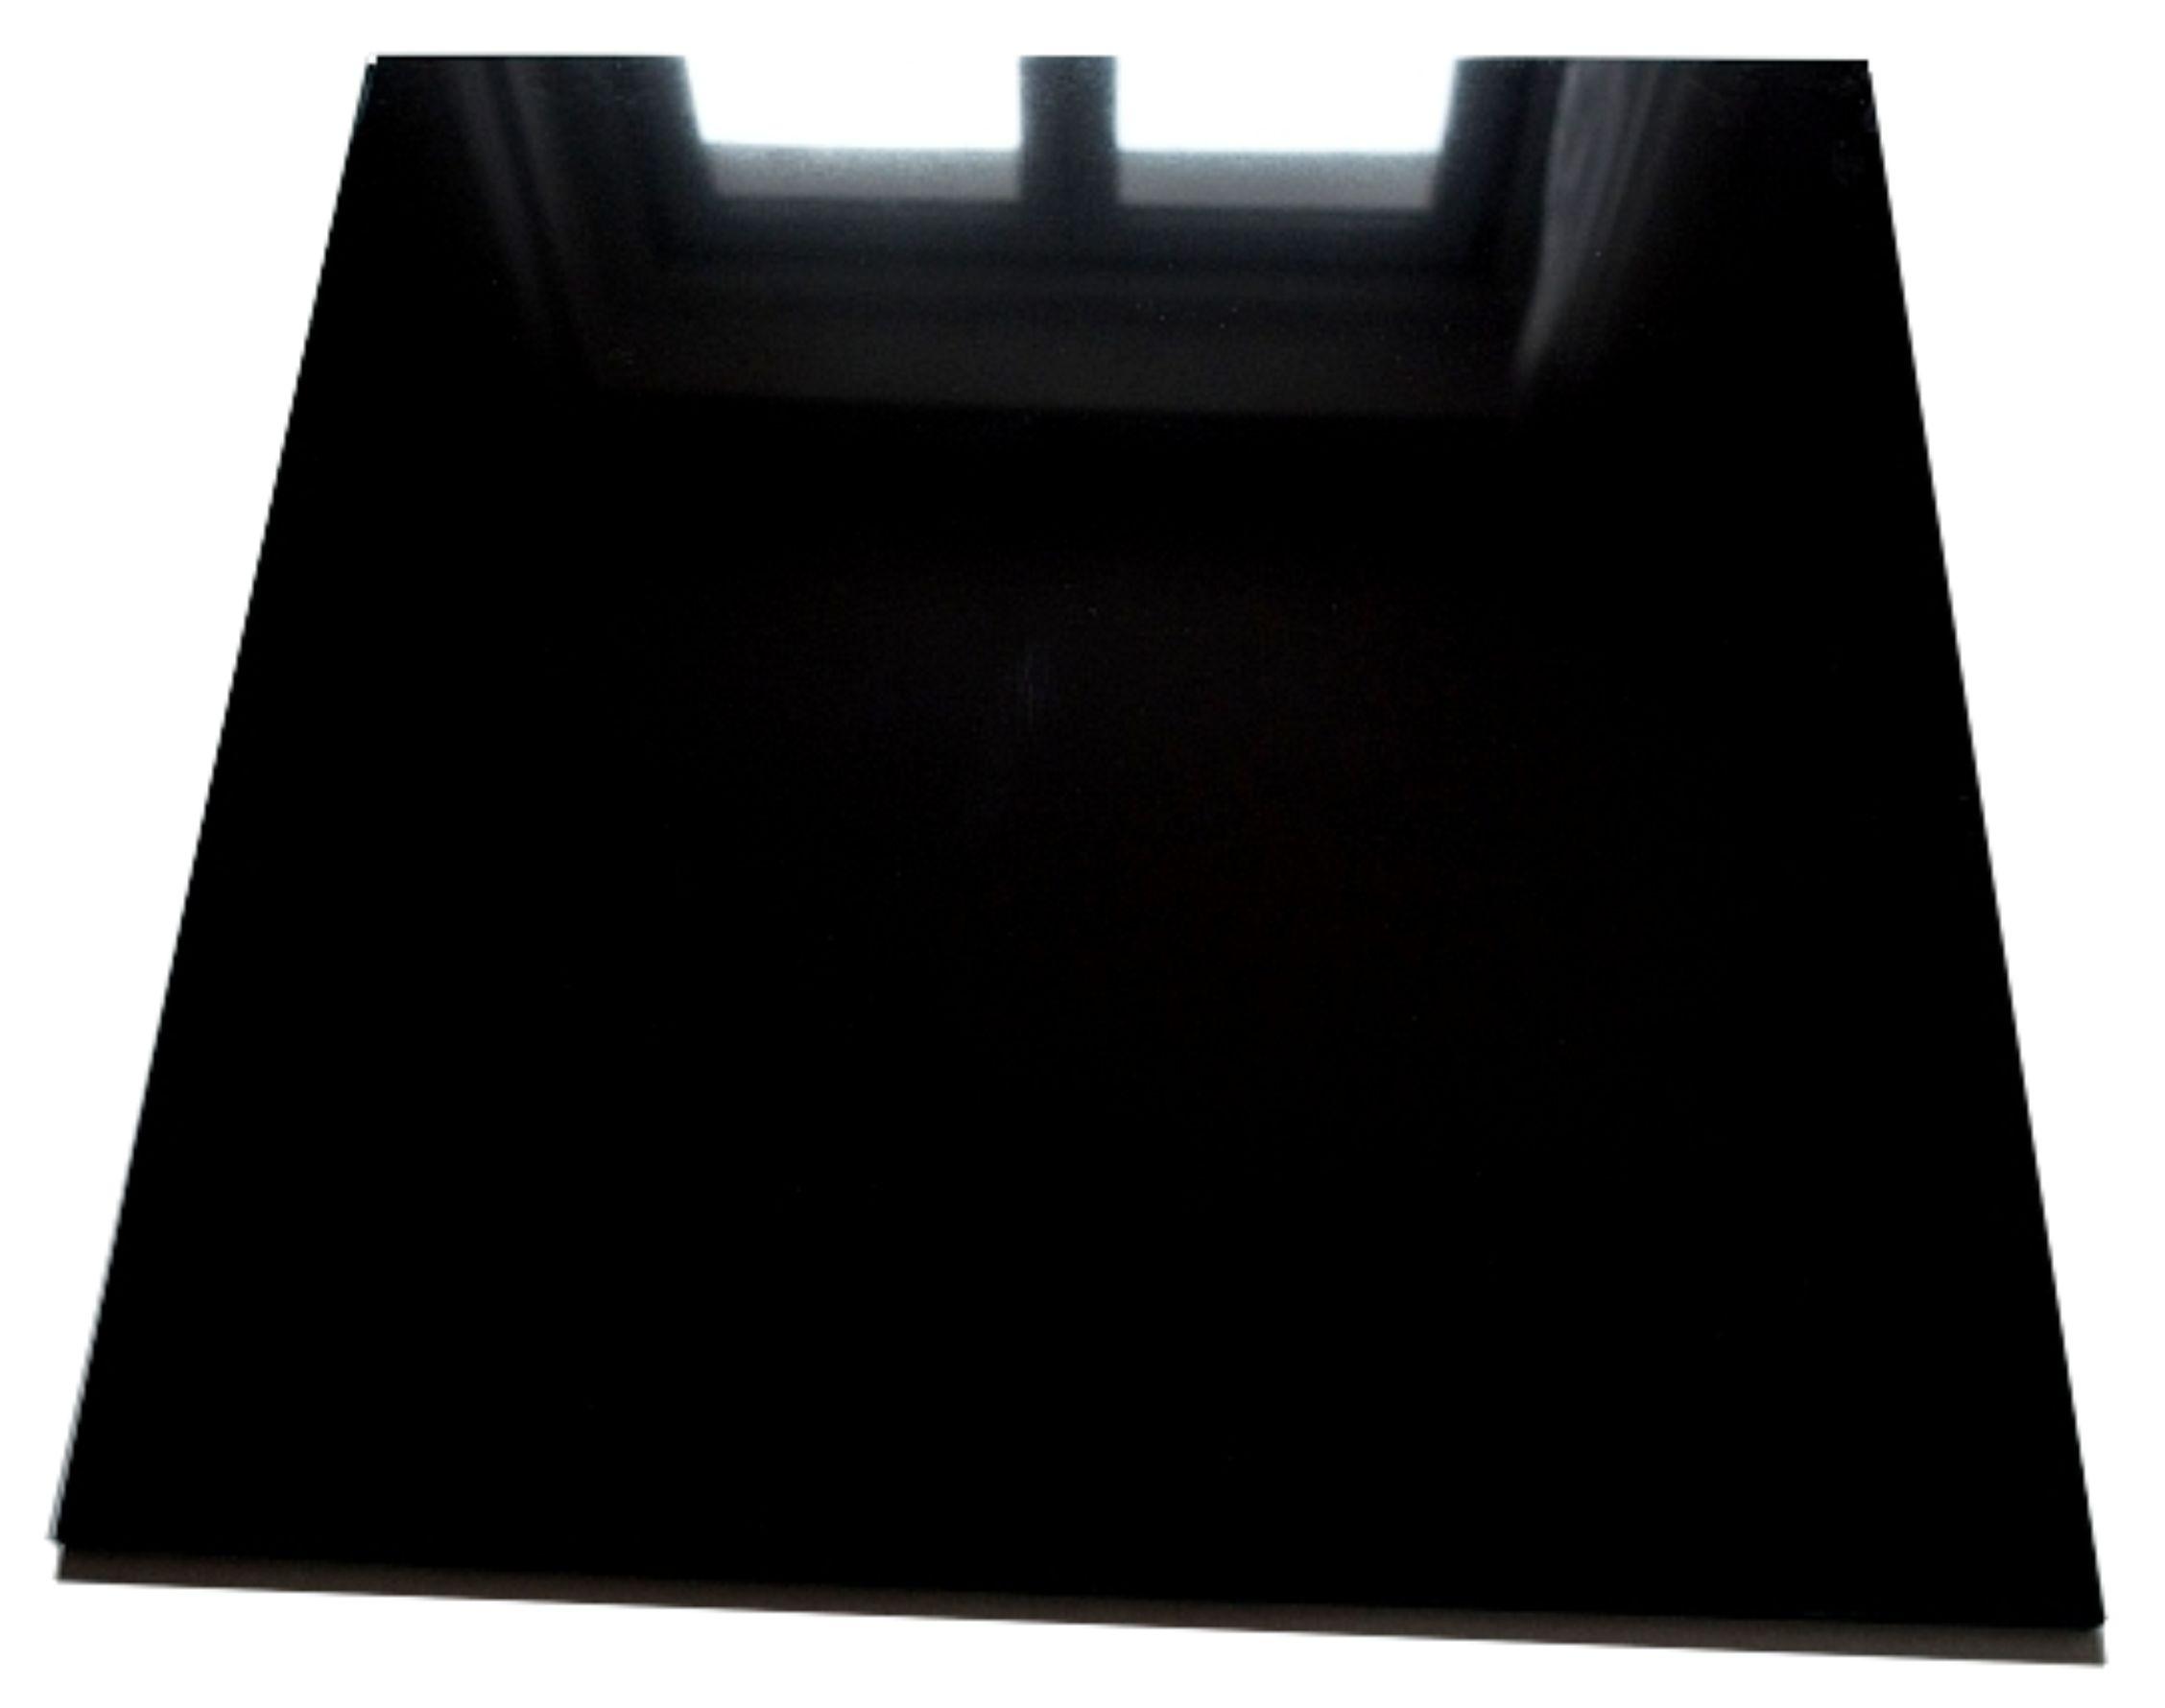 CZARNY GRES SZKLIWIONY 60x60 59,90/m2